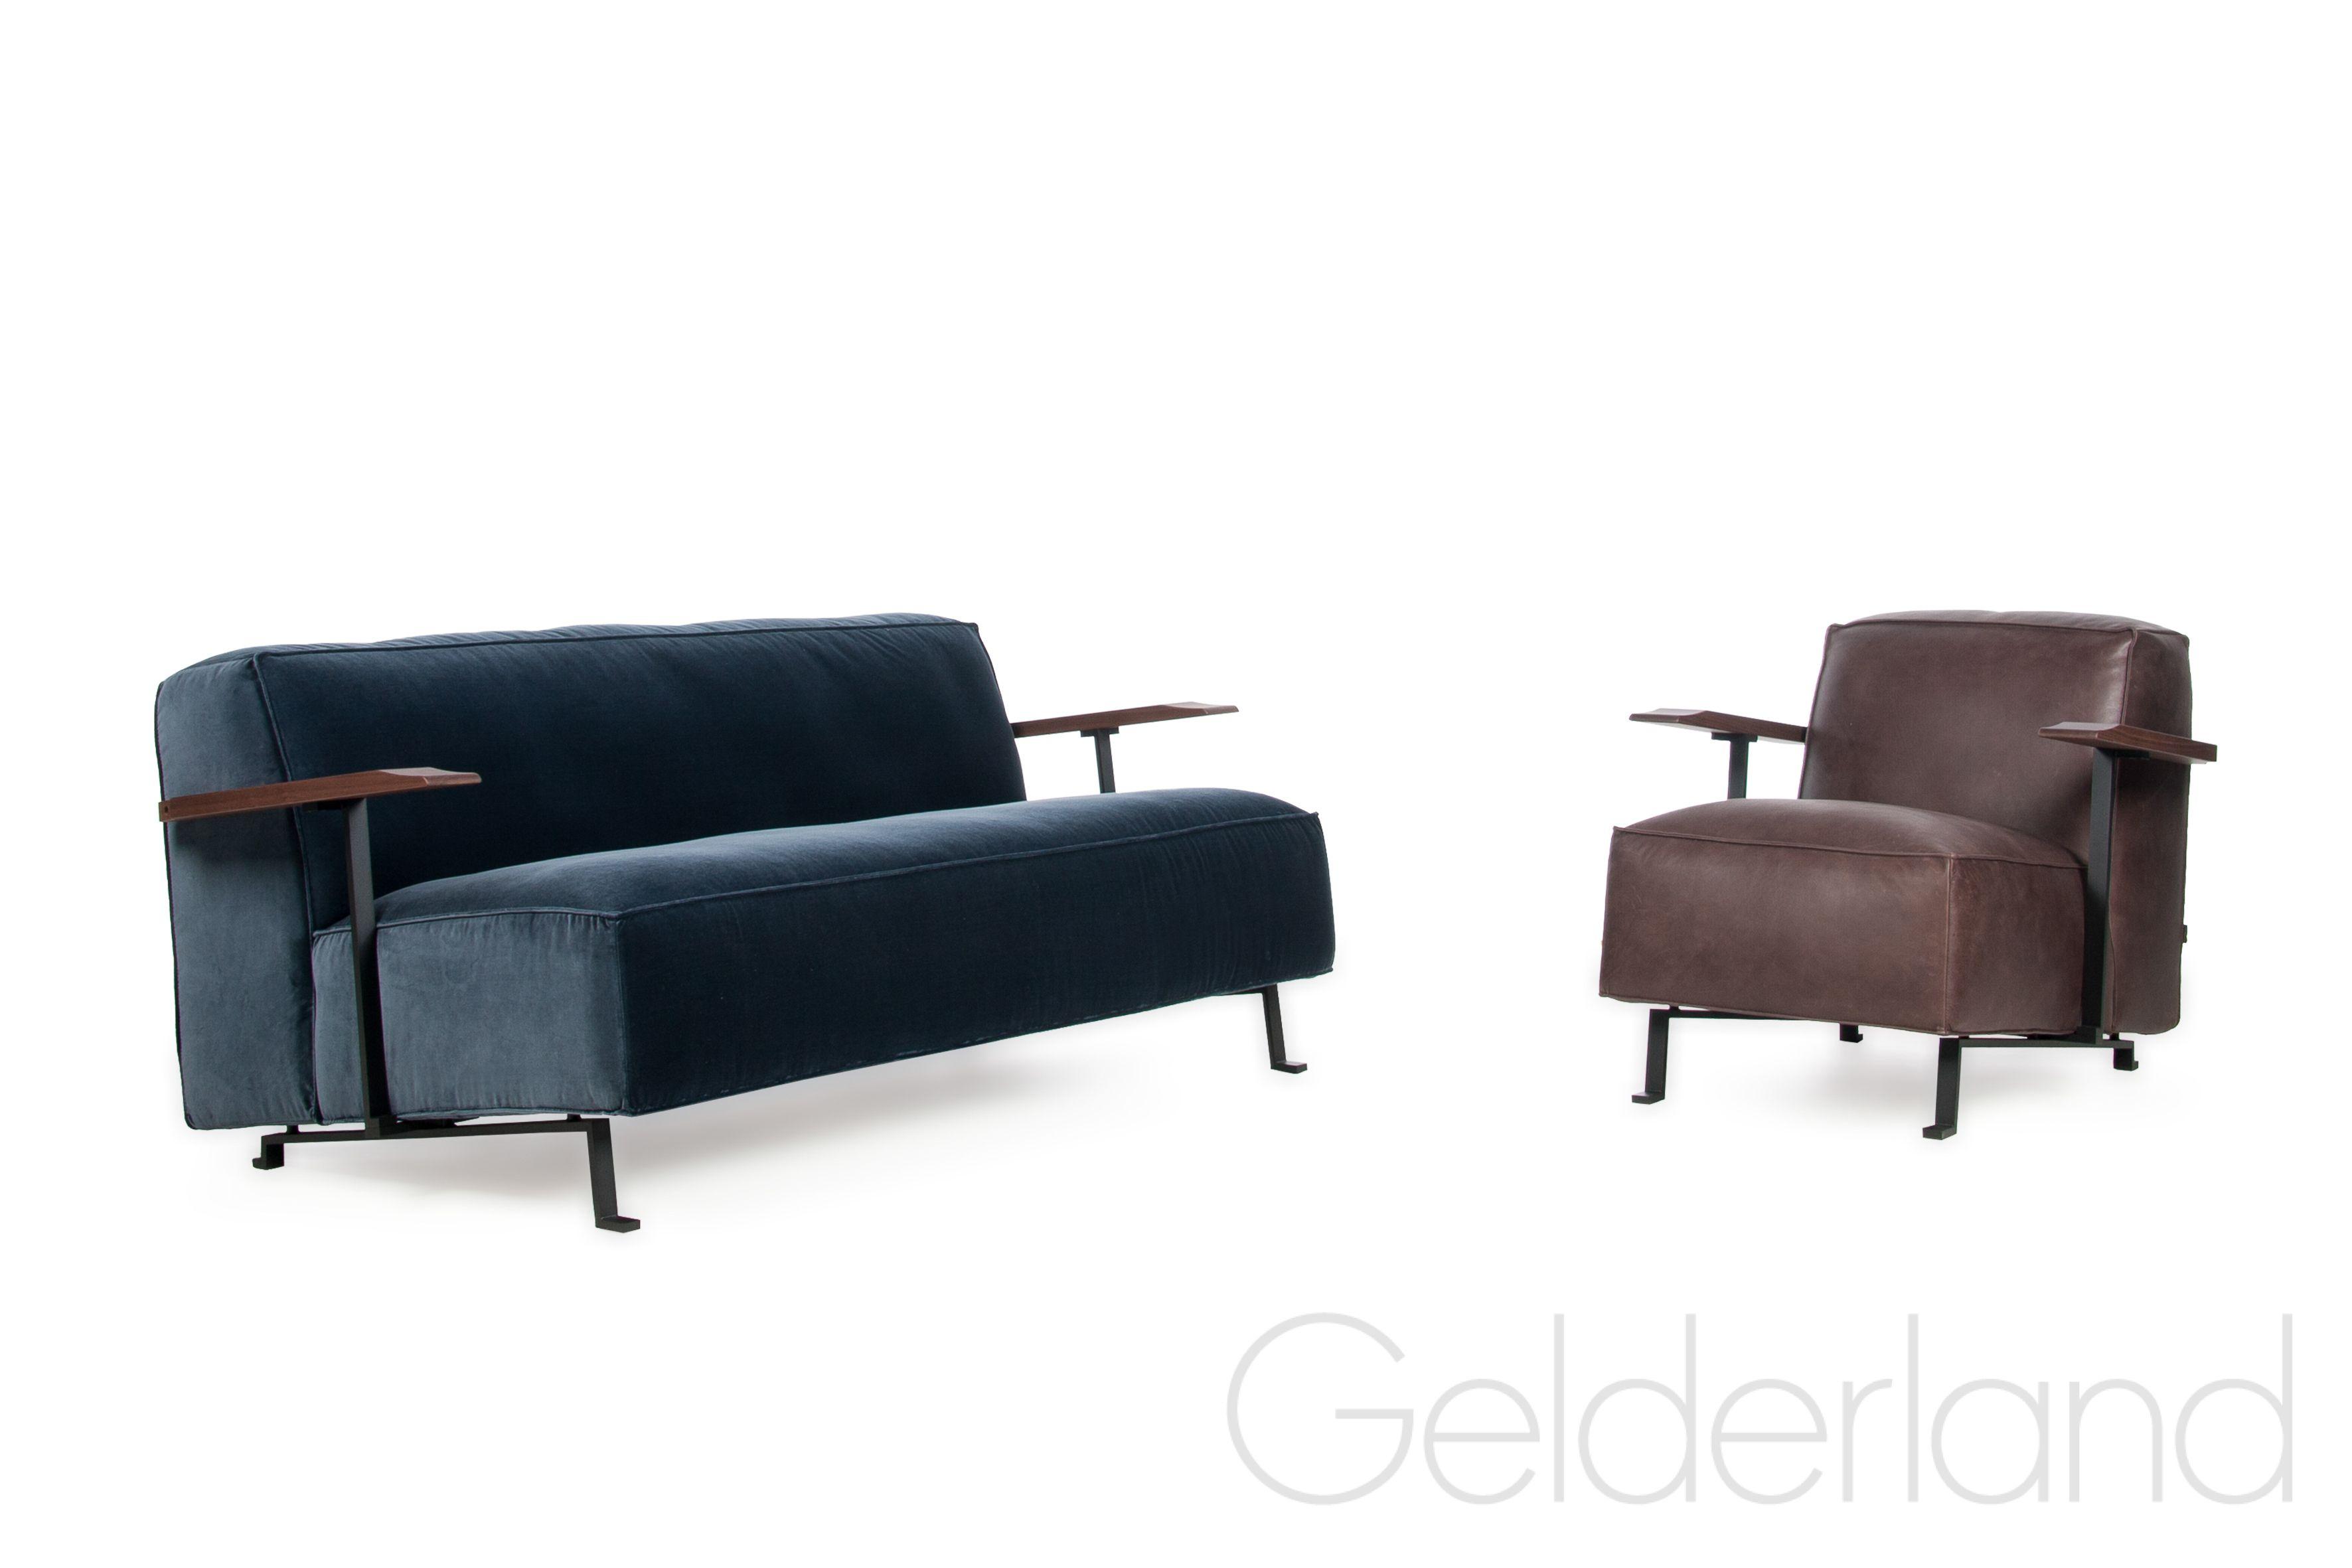 Design Bank En Fauteuil.Gelderland Bank En Fauteuil 6401 Woody Design Bart Vos In Velours